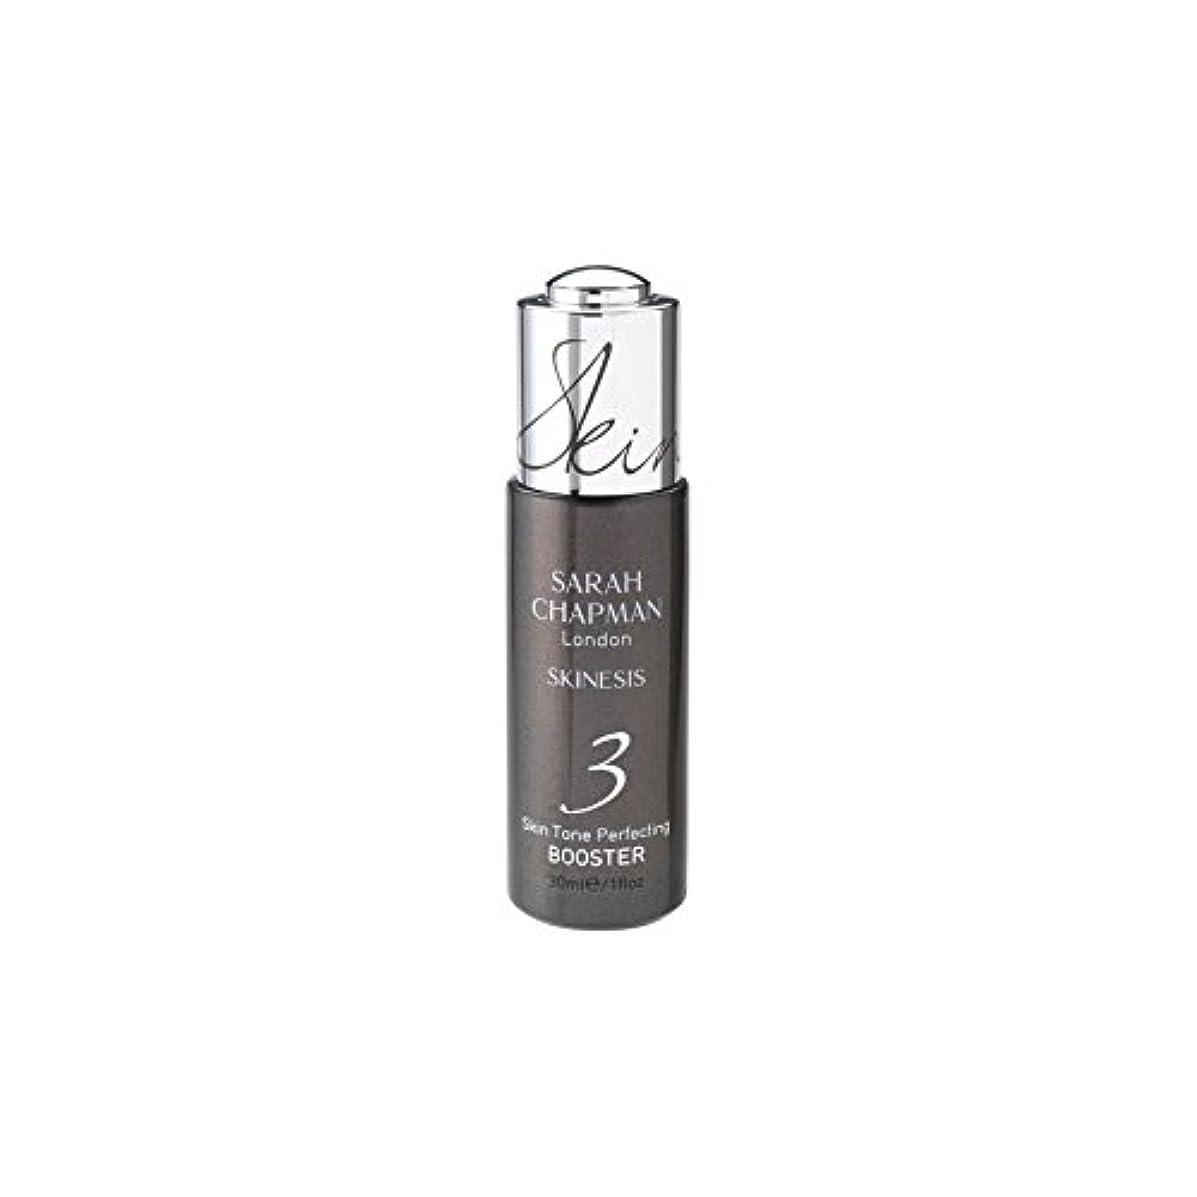 計算隔離買収Sarah Chapman Skinesis Skin Tone Perfecting Booster (30ml) - サラ?チャップマン肌色完成ブースター(30ミリリットル) [並行輸入品]